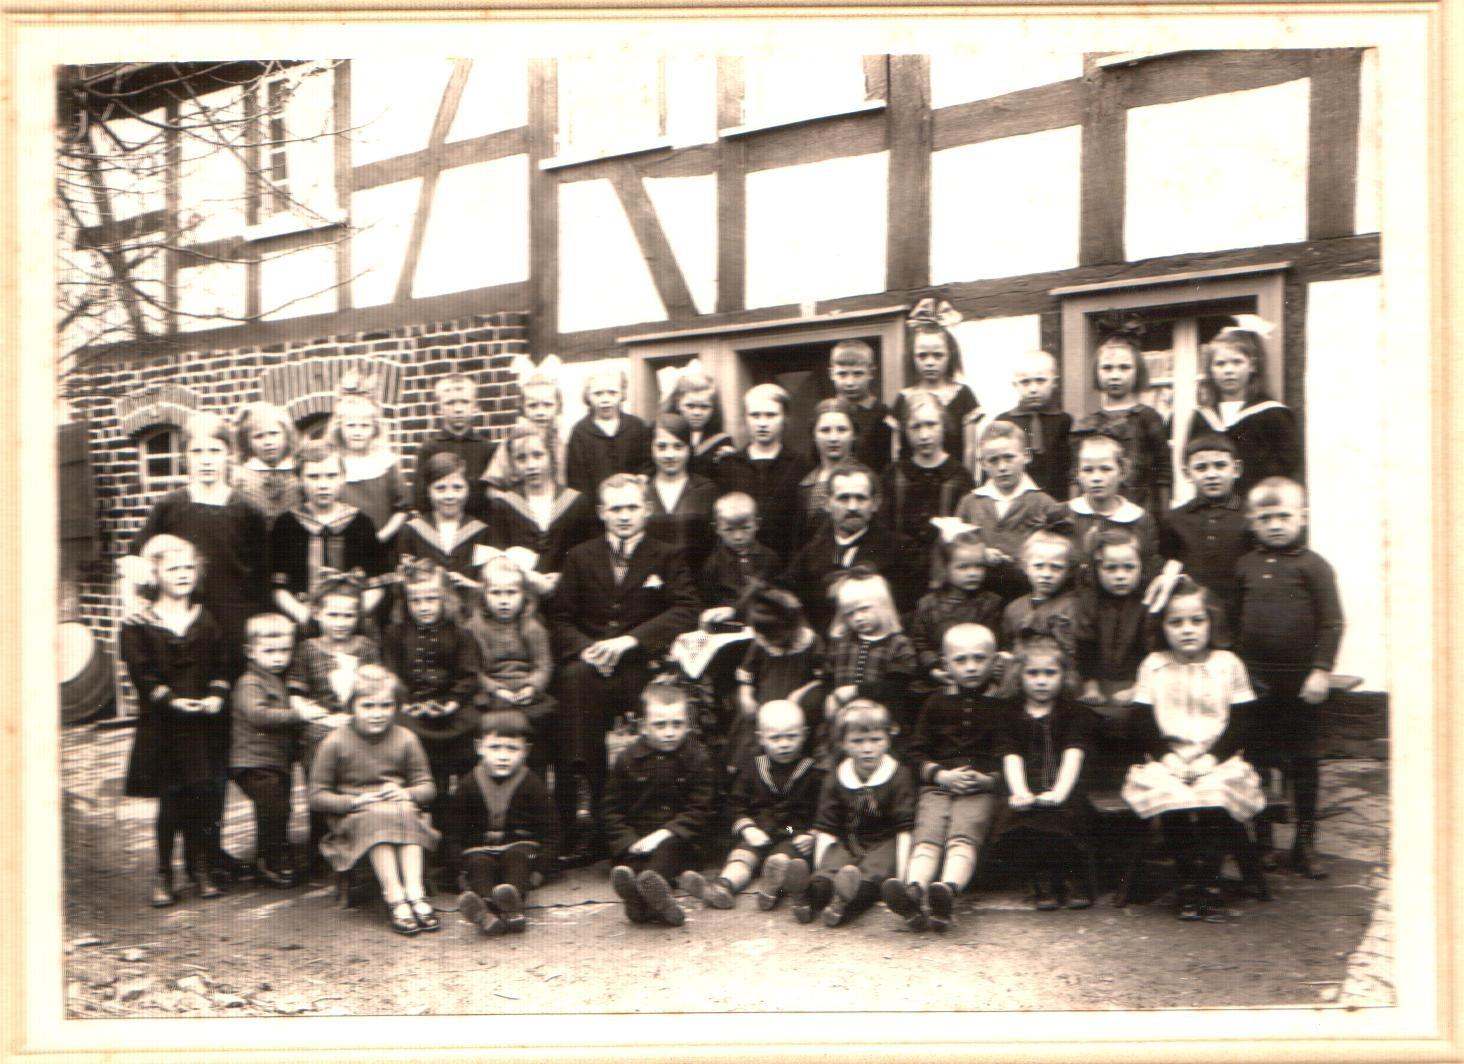 Sonntasgschule Obernau